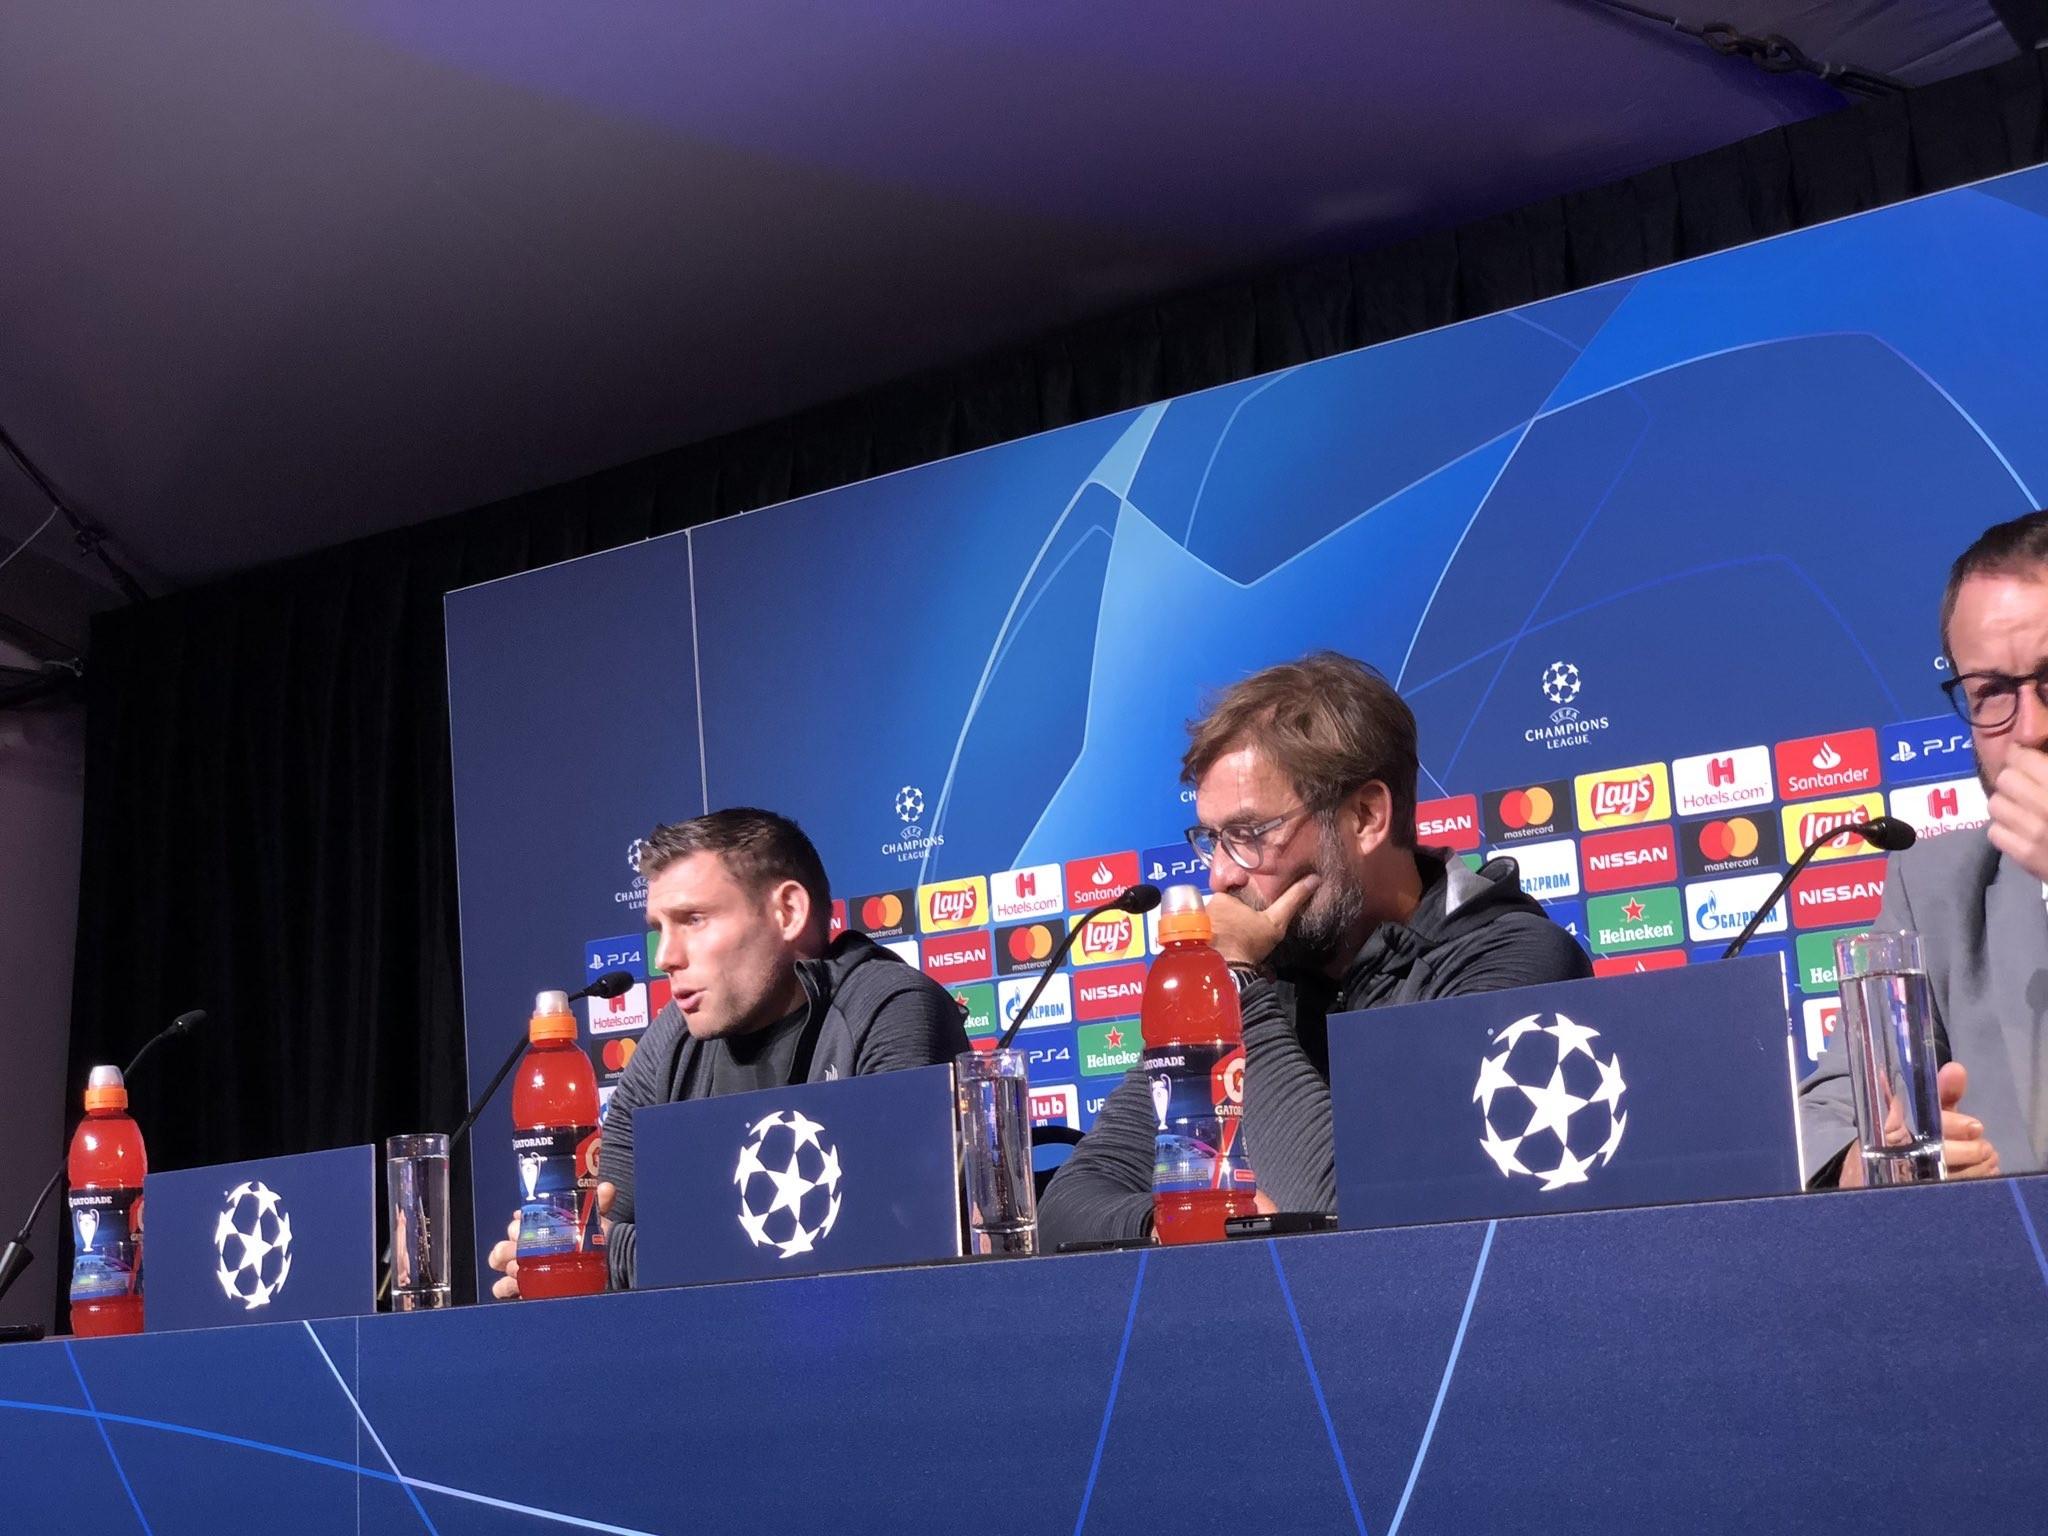 米尔纳:我们的欧冠客场比赛表现不够好,我们得提高